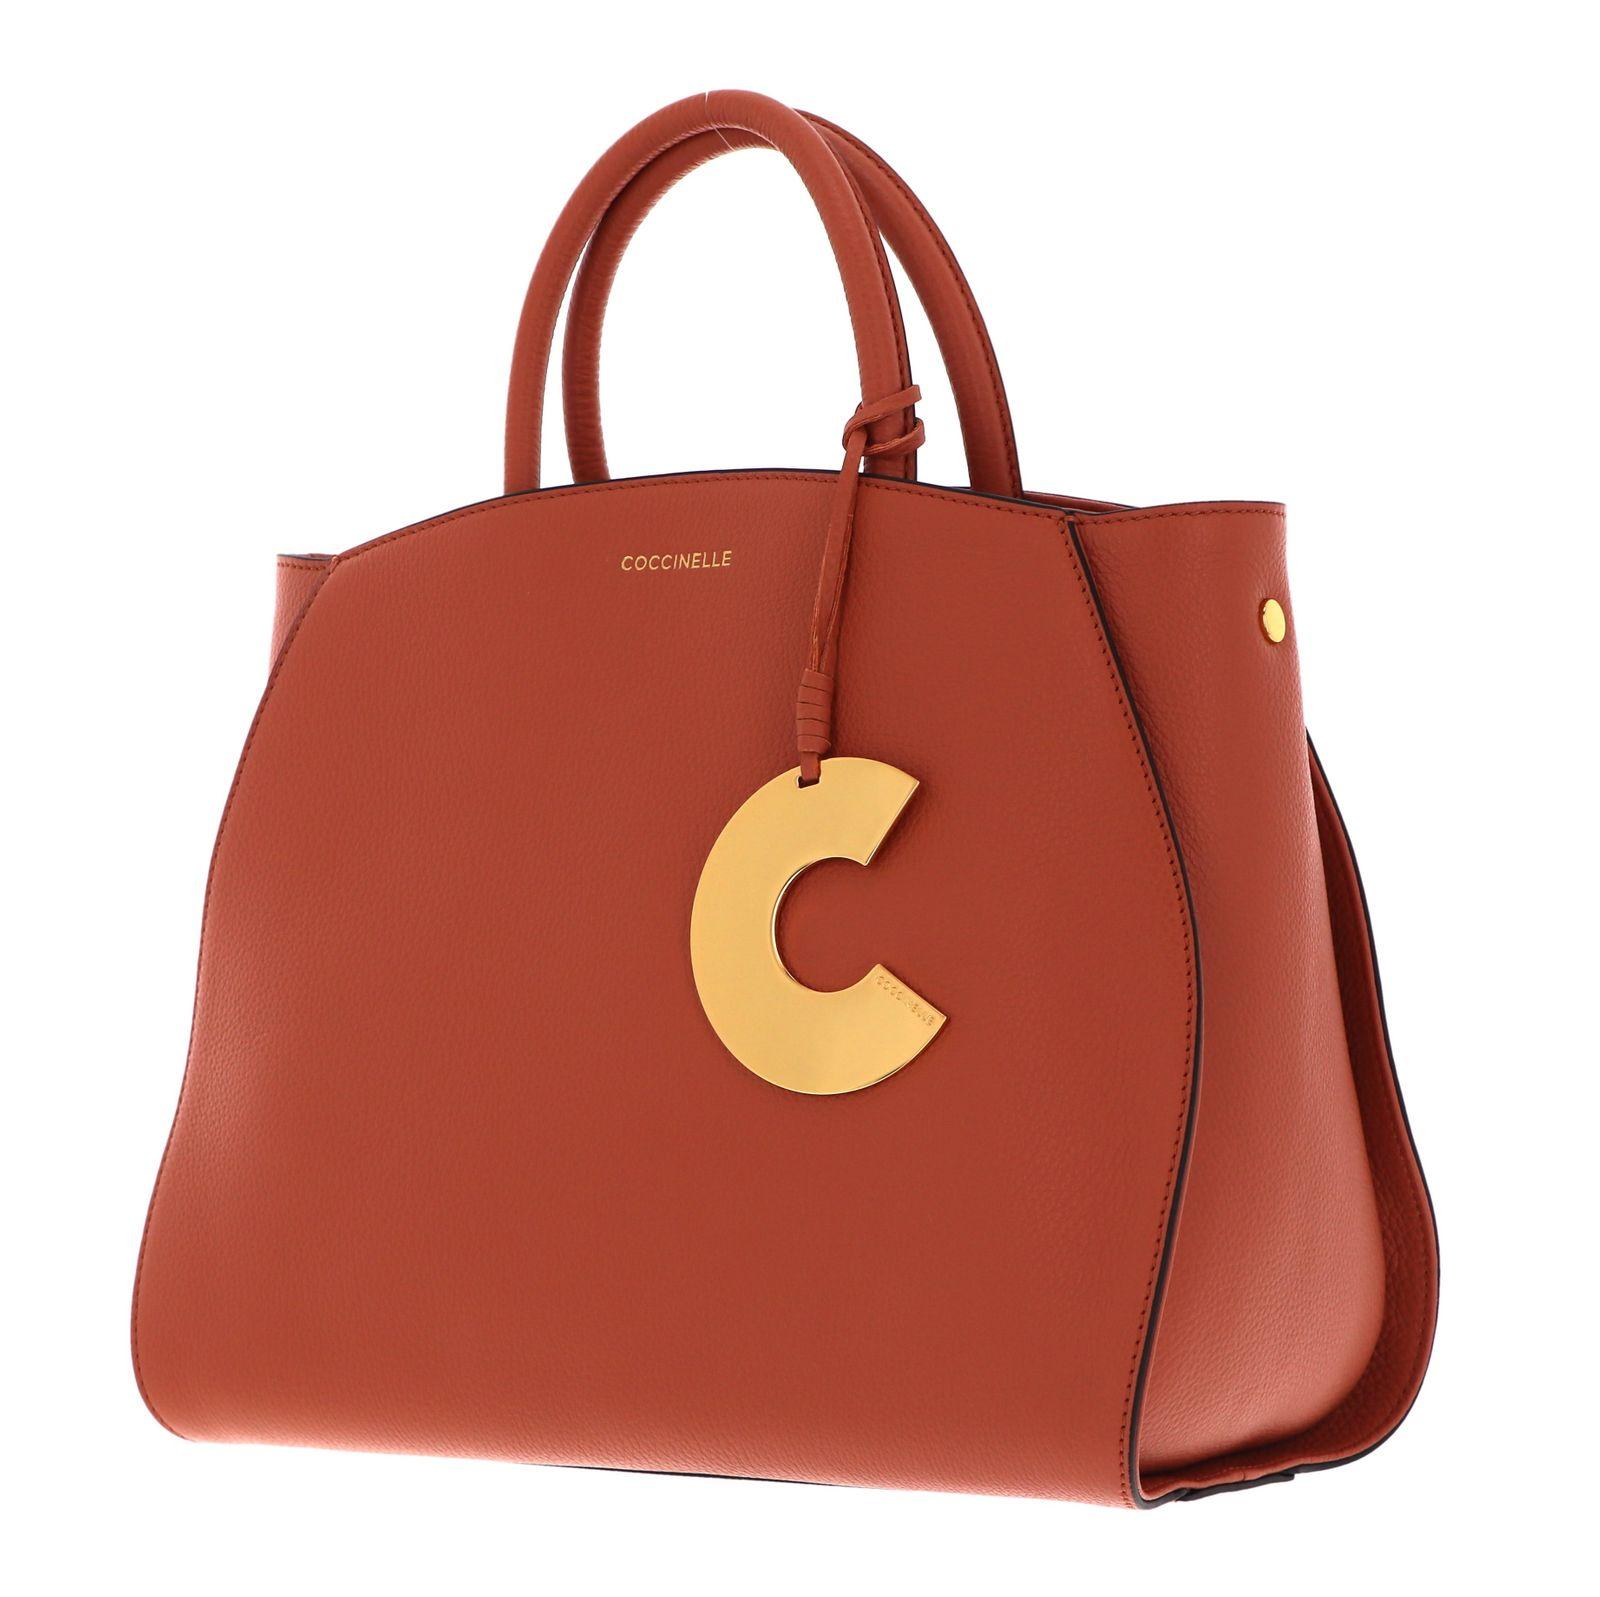 COCCINELLE Concrete Handbag Chestnut